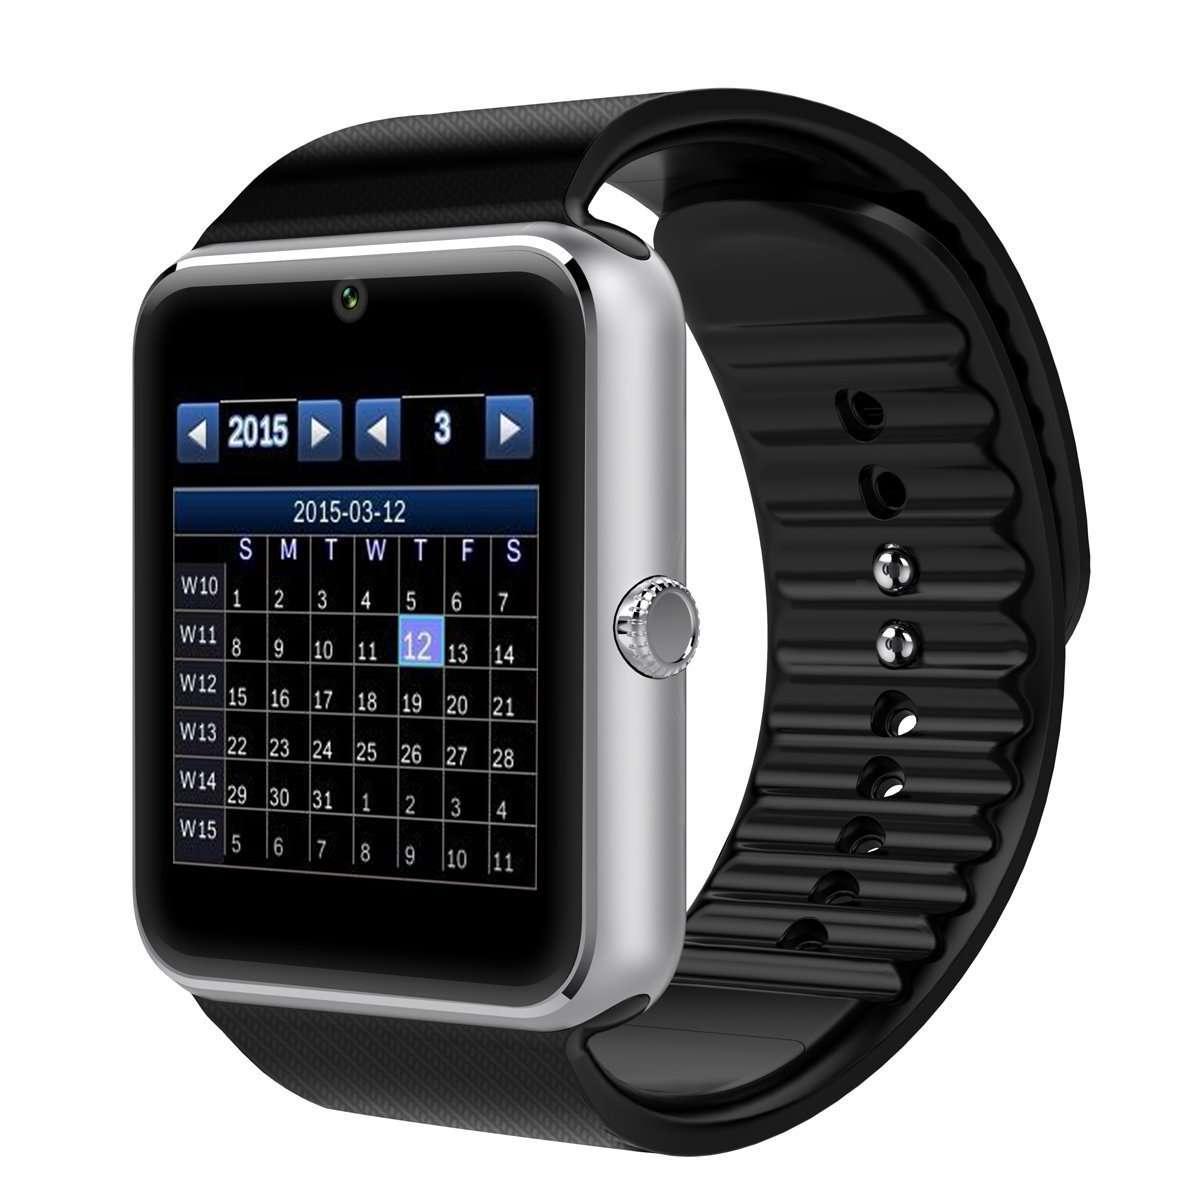 Hình ảnh Đồng hồ thông minh Smart watch Gt08